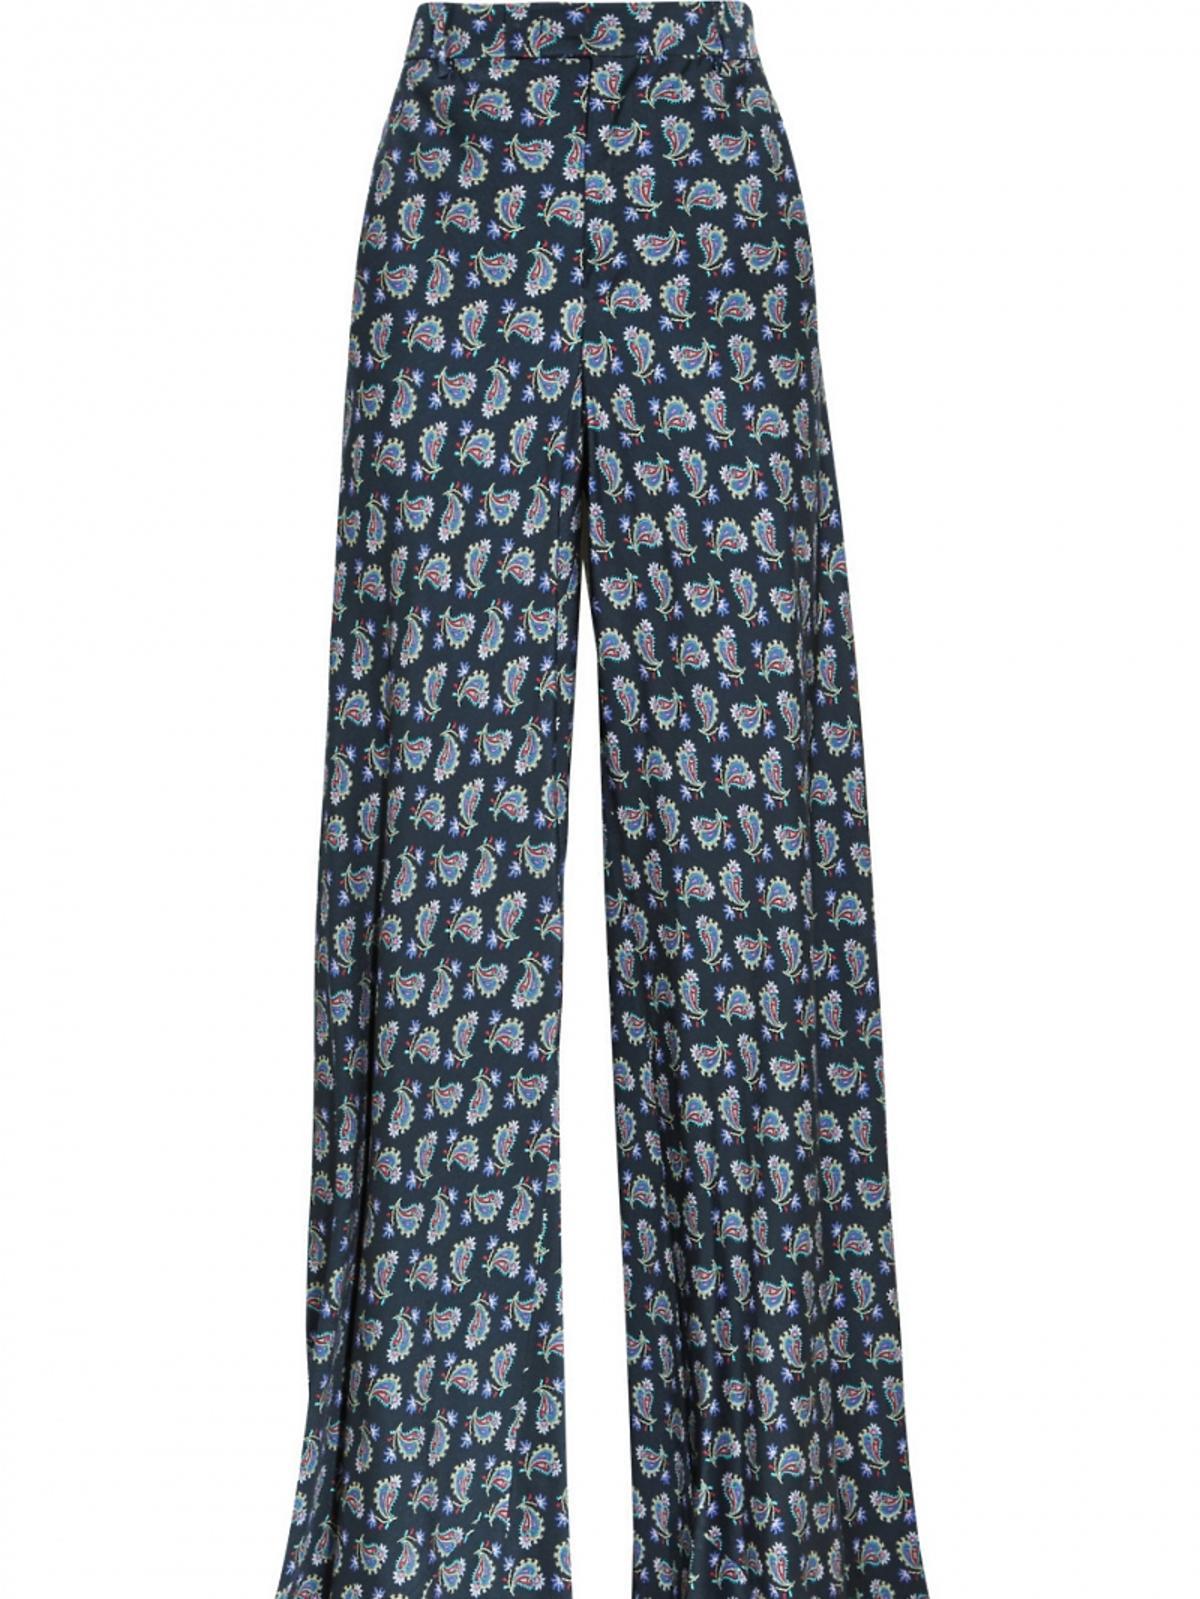 Spodnie z kolorowe printy z szerokimi nogawkami